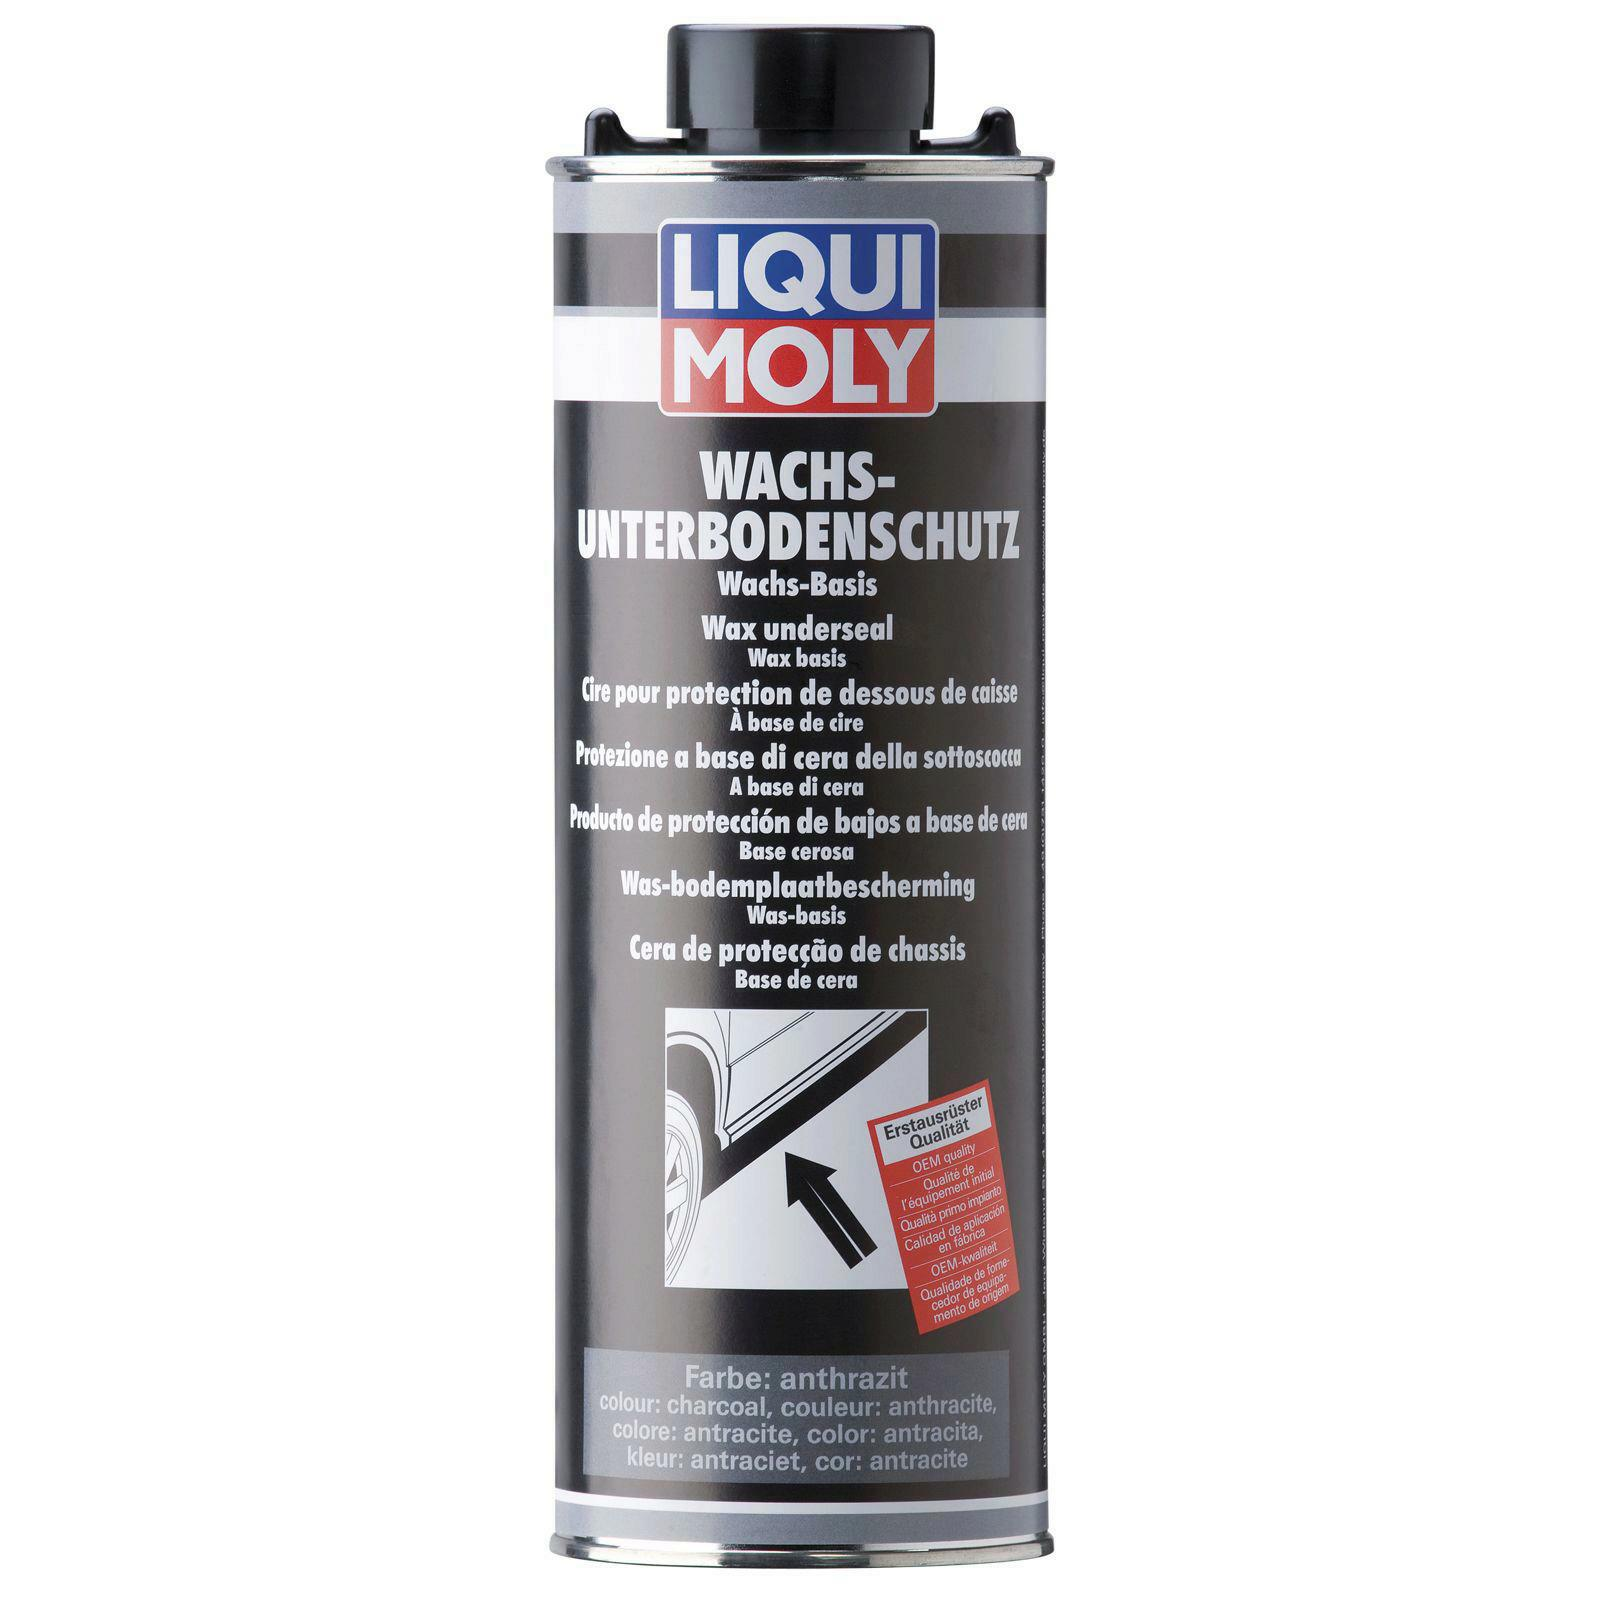 Liqui Moly Wachs-Unterbodenschutz anthrazit/schwarz 1l